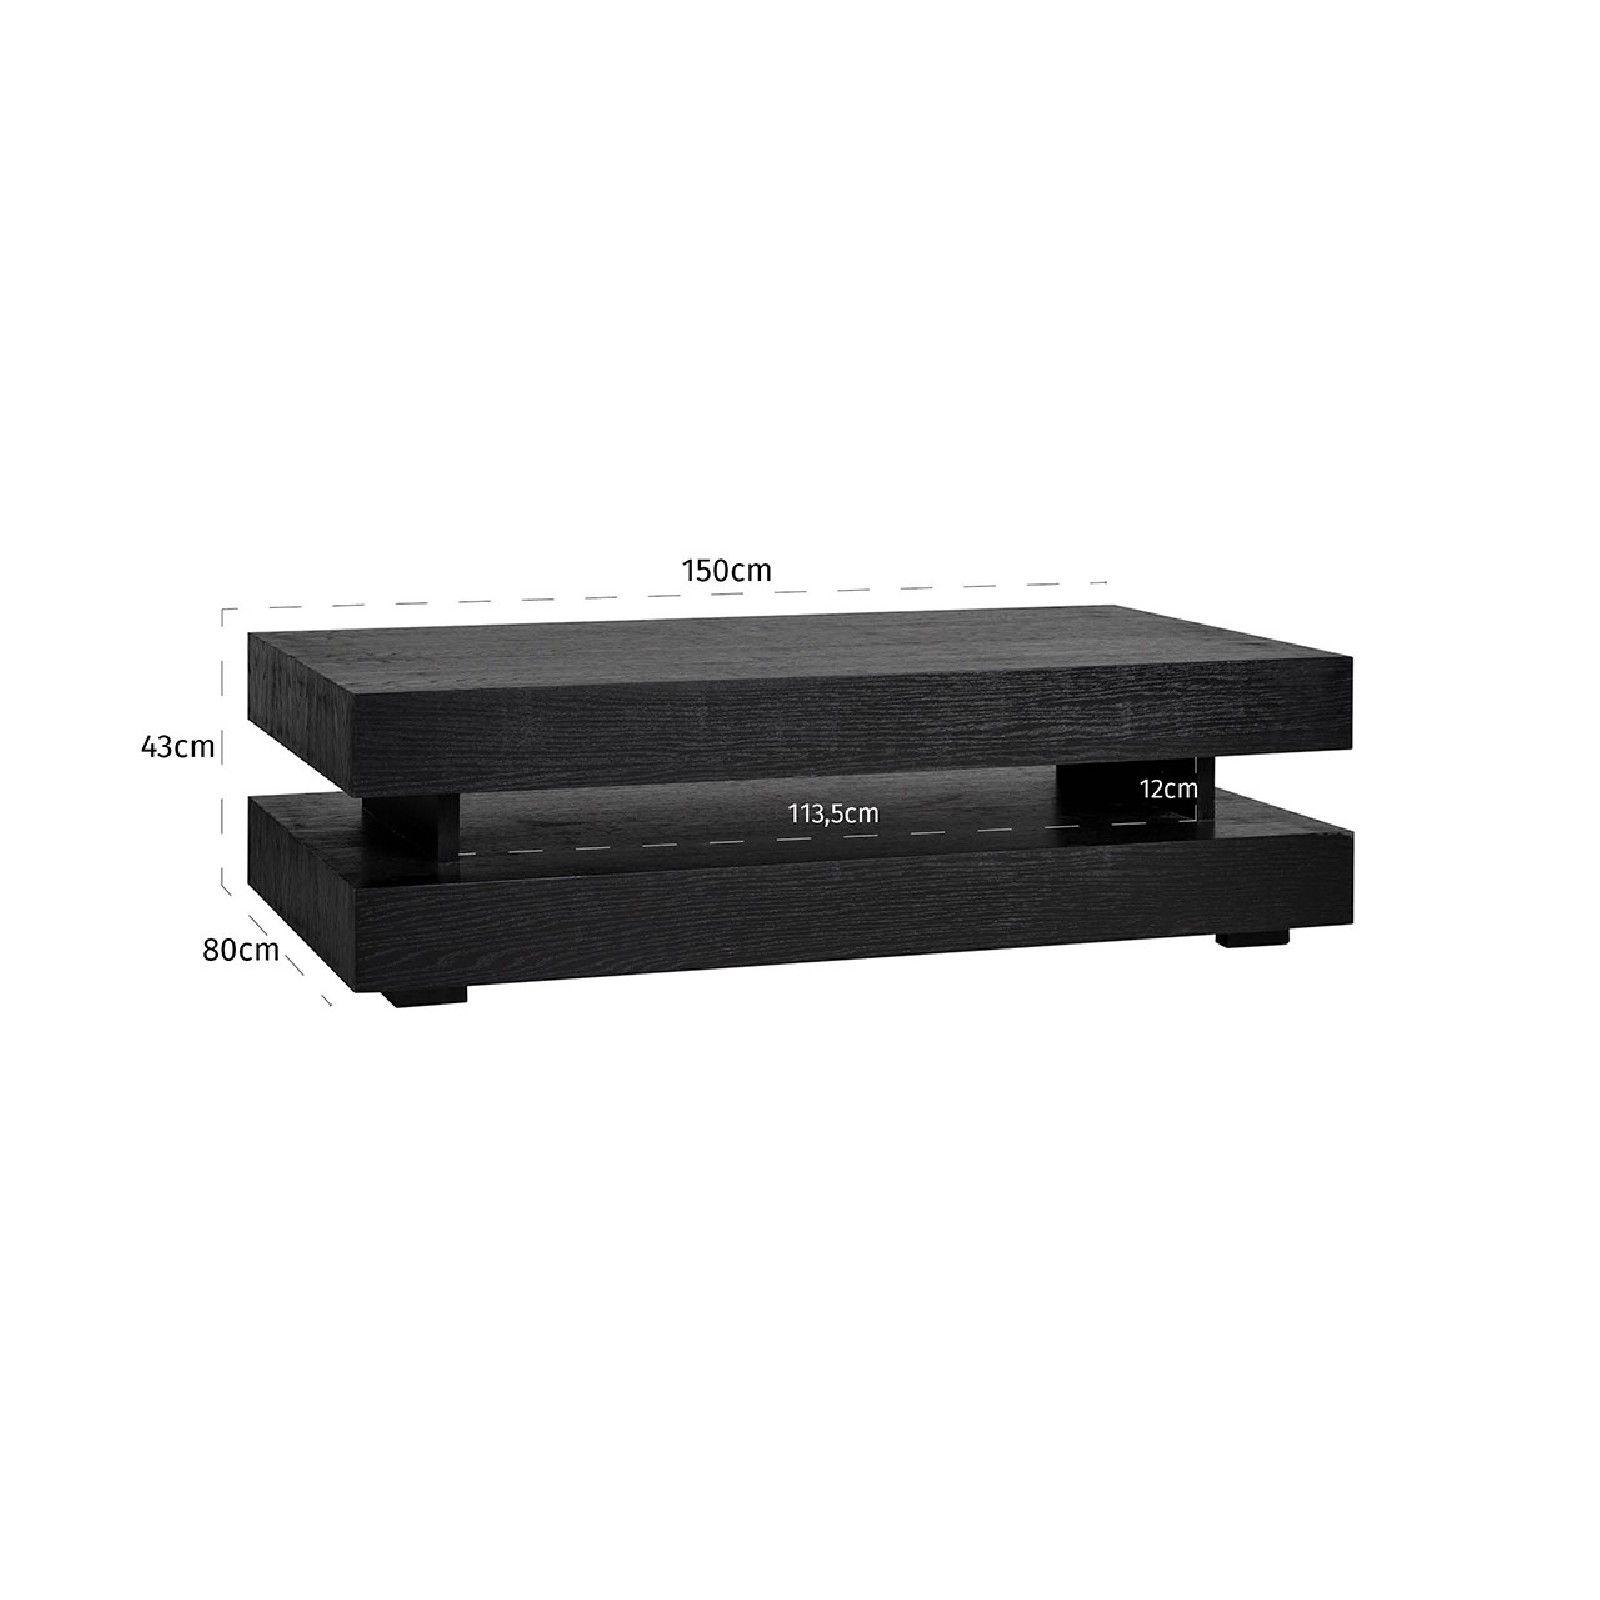 Table basse rectangulaire noir Blok H